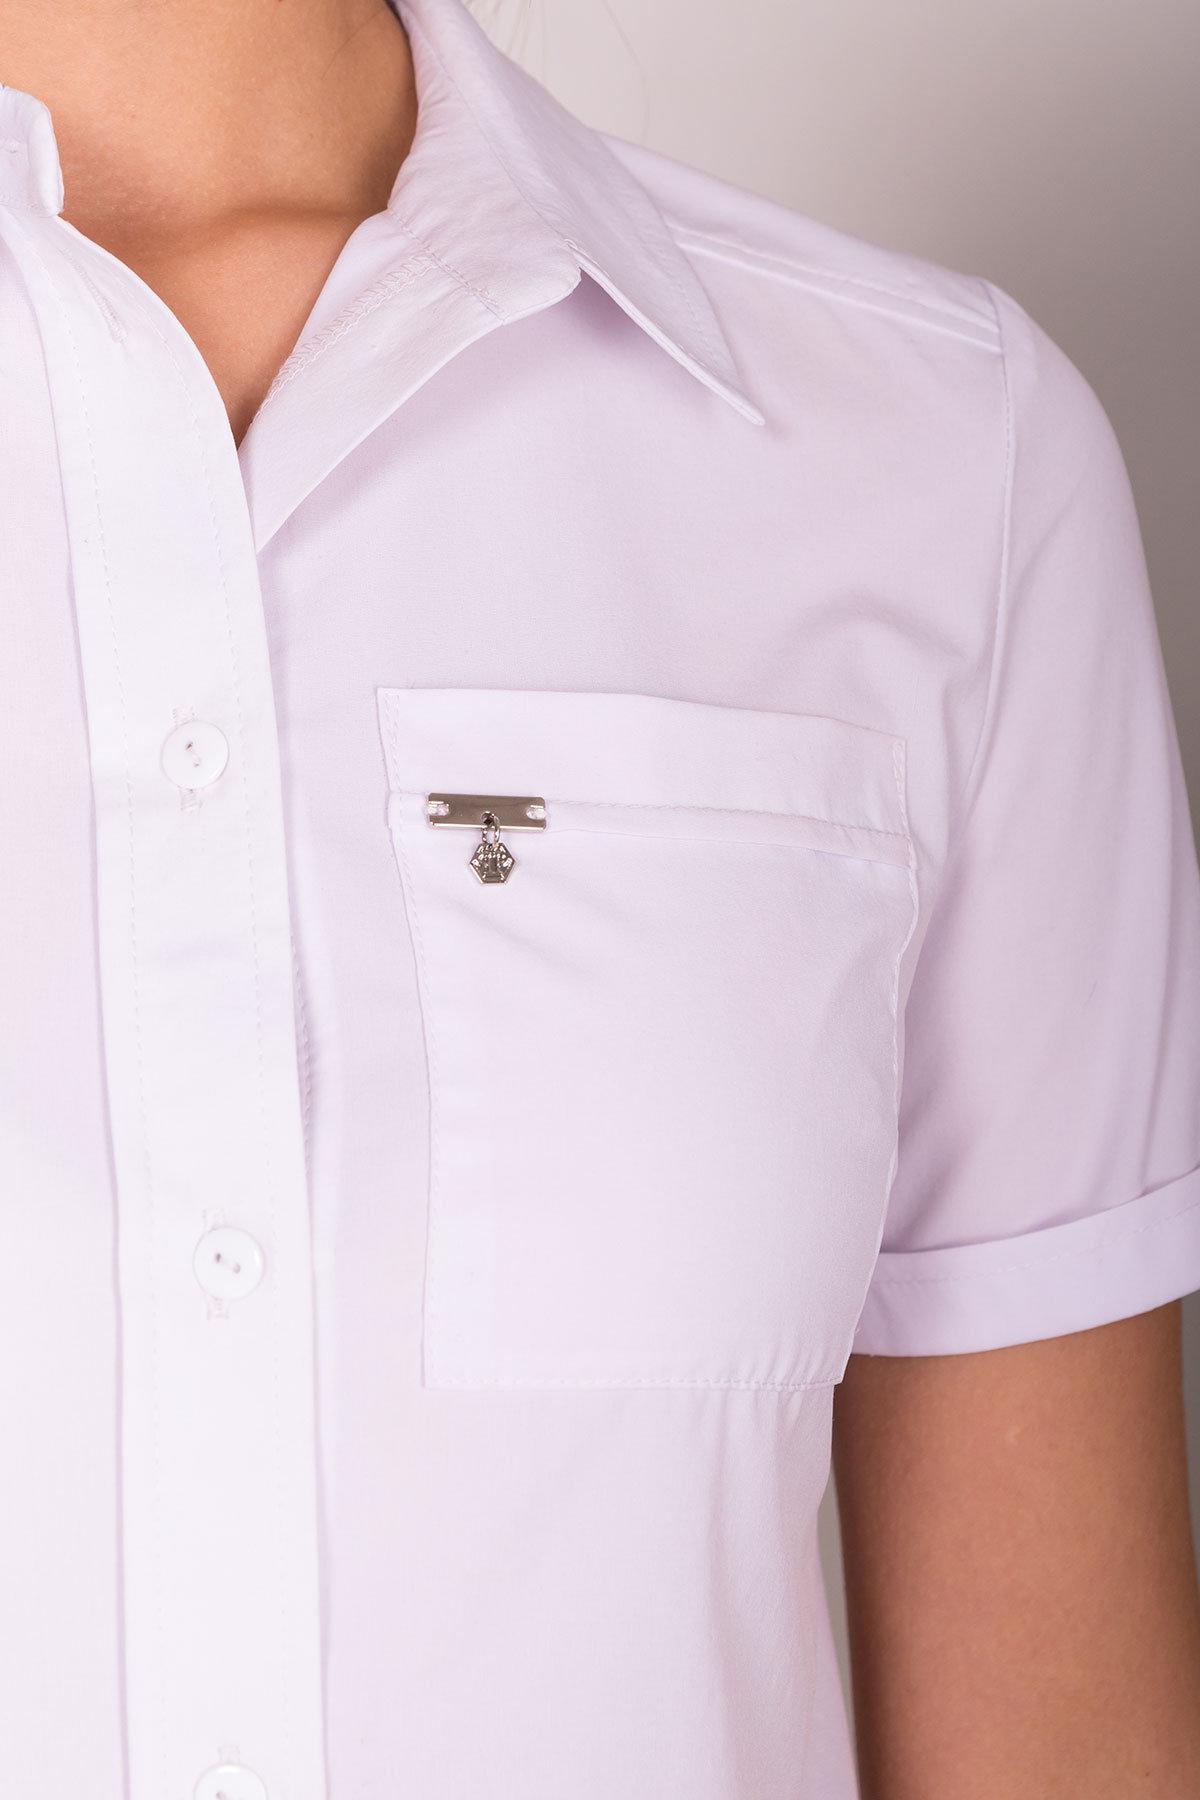 Белая блузка с накладным карманом Дженна 5285 АРТ. 36526 Цвет: Белый - фото 7, интернет магазин tm-modus.ru